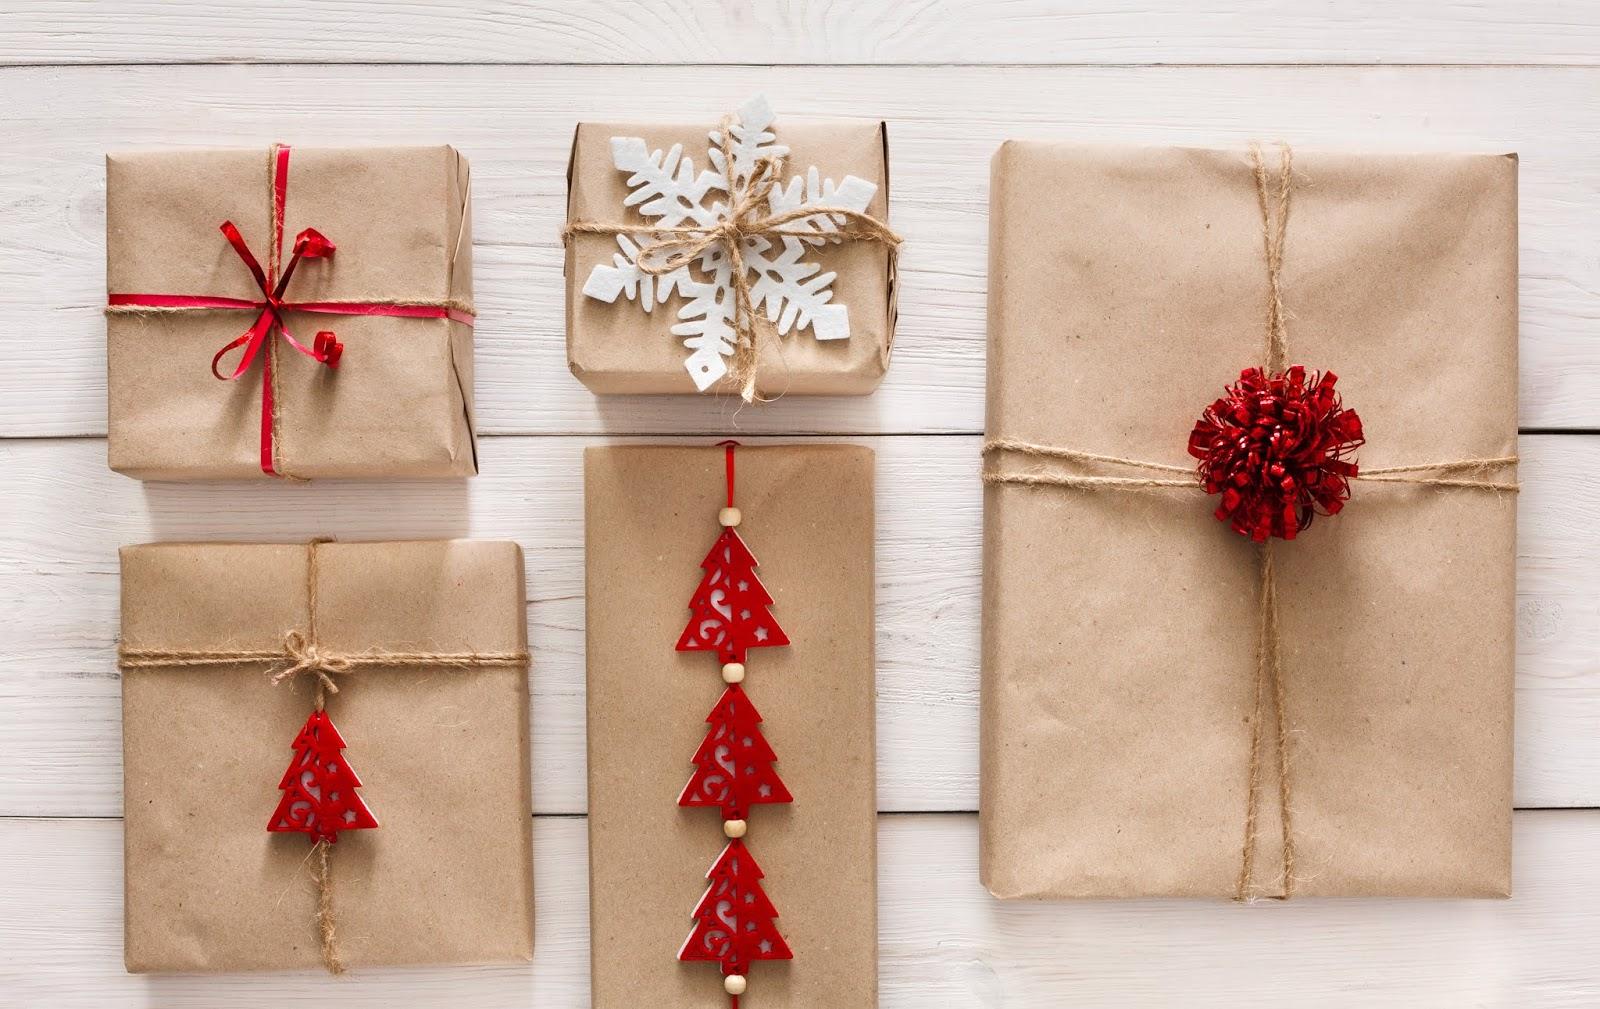 envoltorio de regalos con papel kraft y adornos del árbol